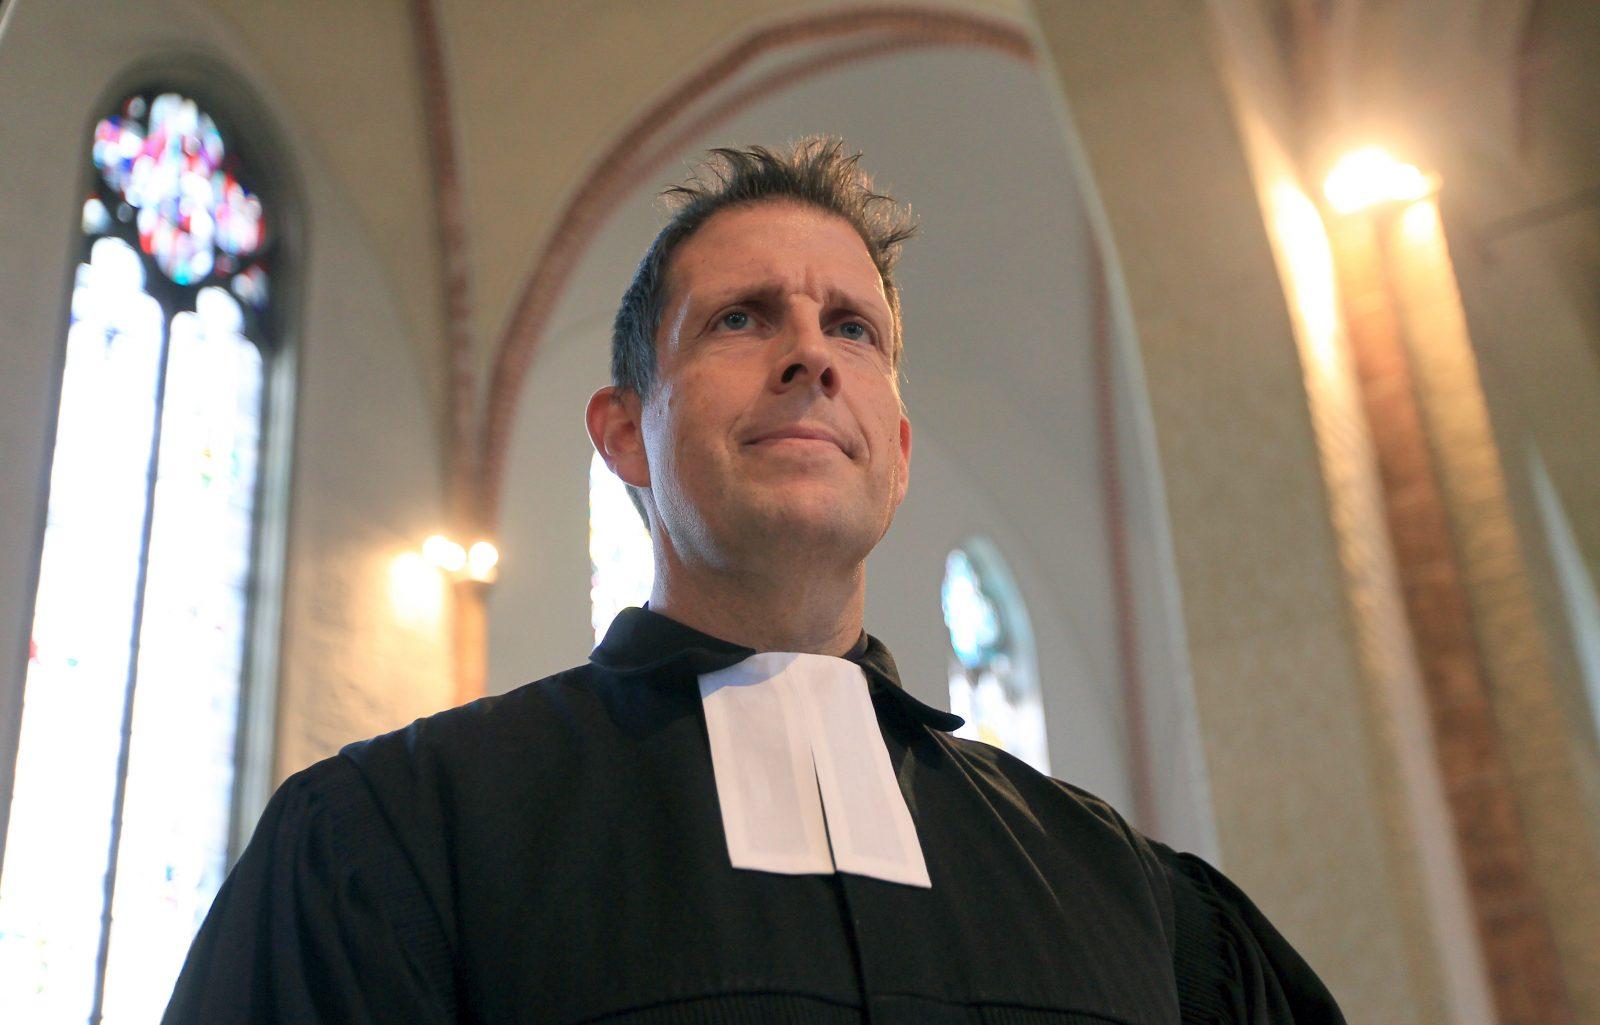 Die Staatsanwaltschaft Bremen ermittelt gegen Pastor Olaf Latzel wegen seiner Aussagen über Homosexuelle (Archivbild) Foto: (c) dpa